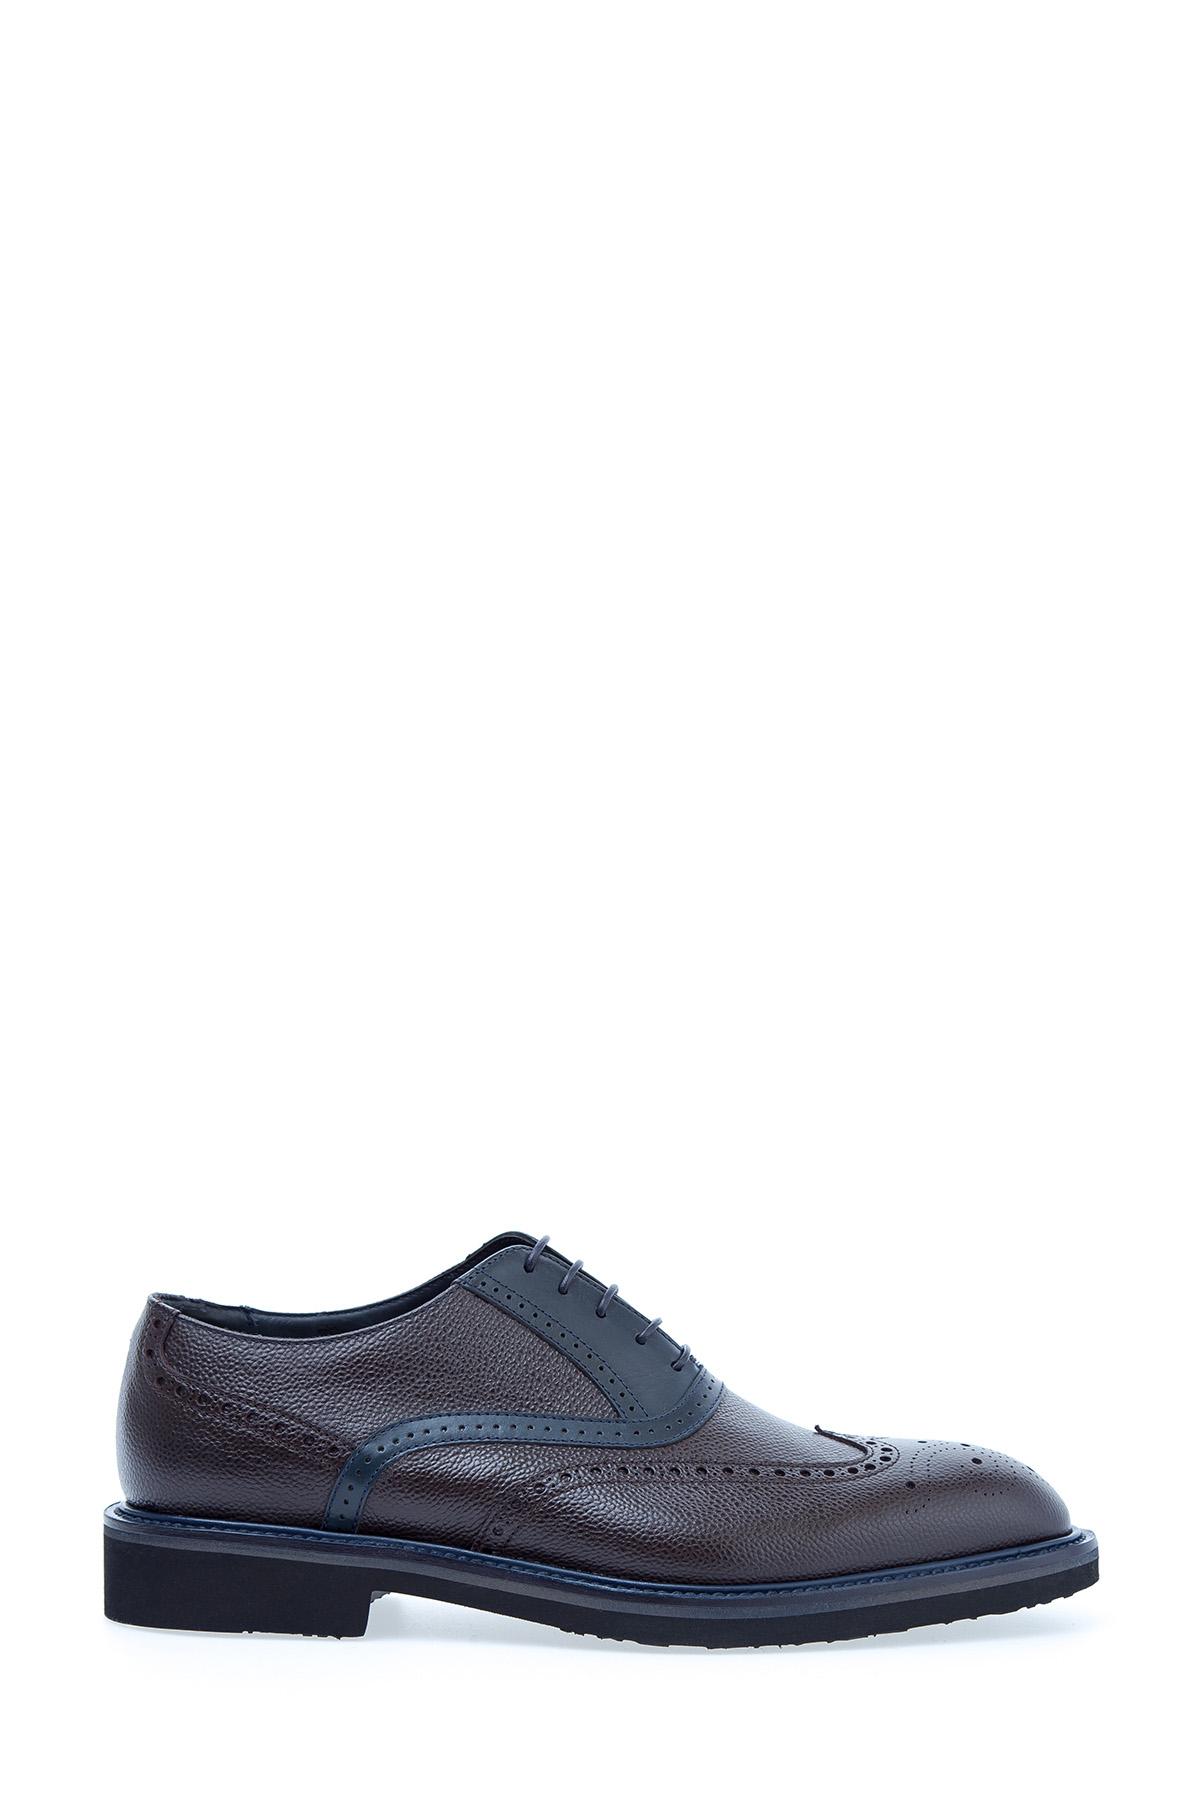 Купить Туфли, MORESCHI, Италия, кожа 100%